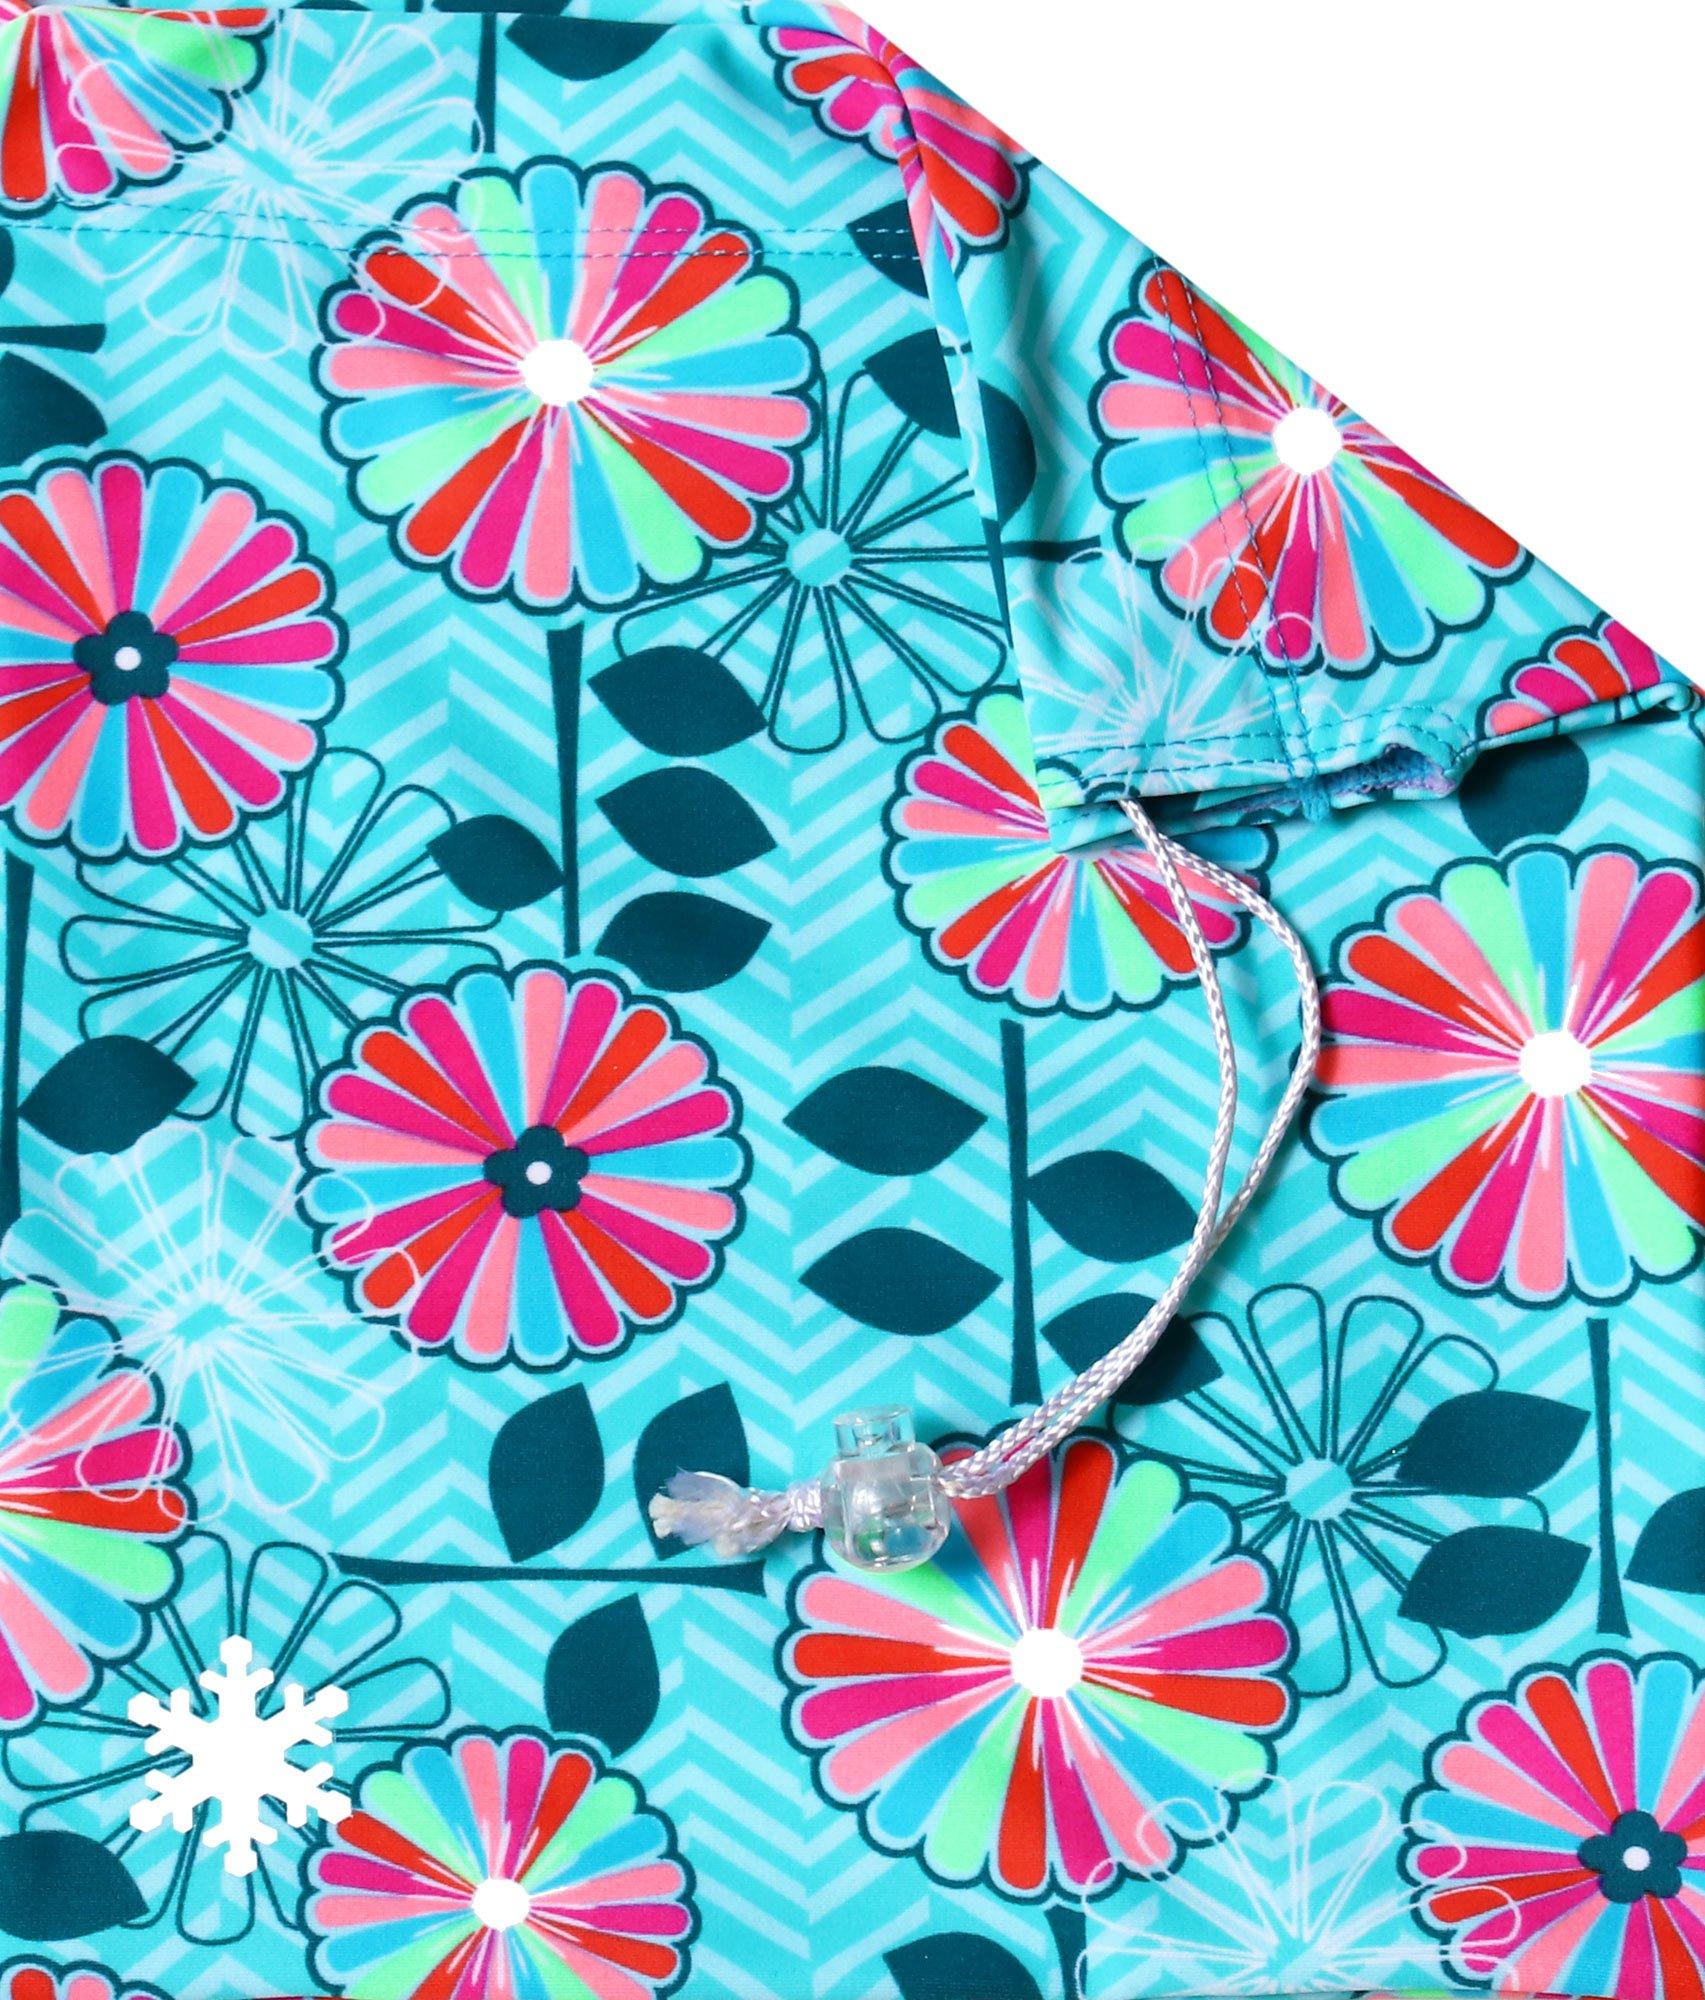 Snowflake Designs In Bloom Gymnastics Grip Bag